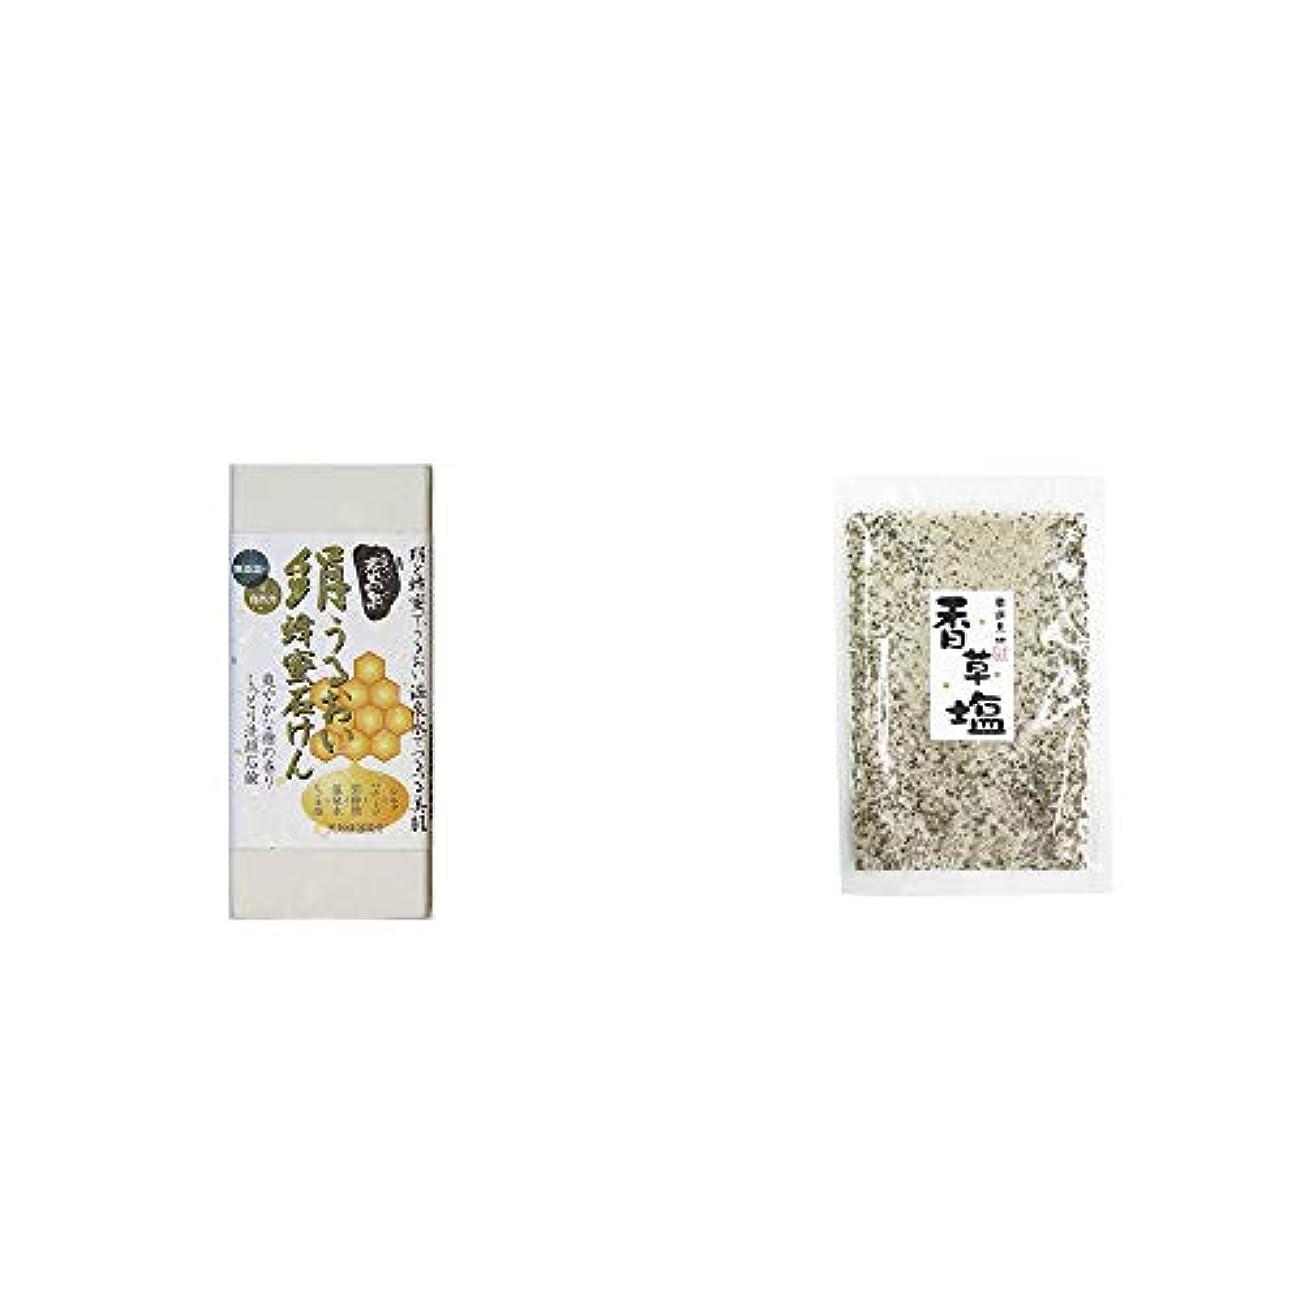 脈拍フルーツ排出[2点セット] ひのき炭黒泉 絹うるおい蜂蜜石けん(75g×2)?香草塩 [袋タイプ](100g)